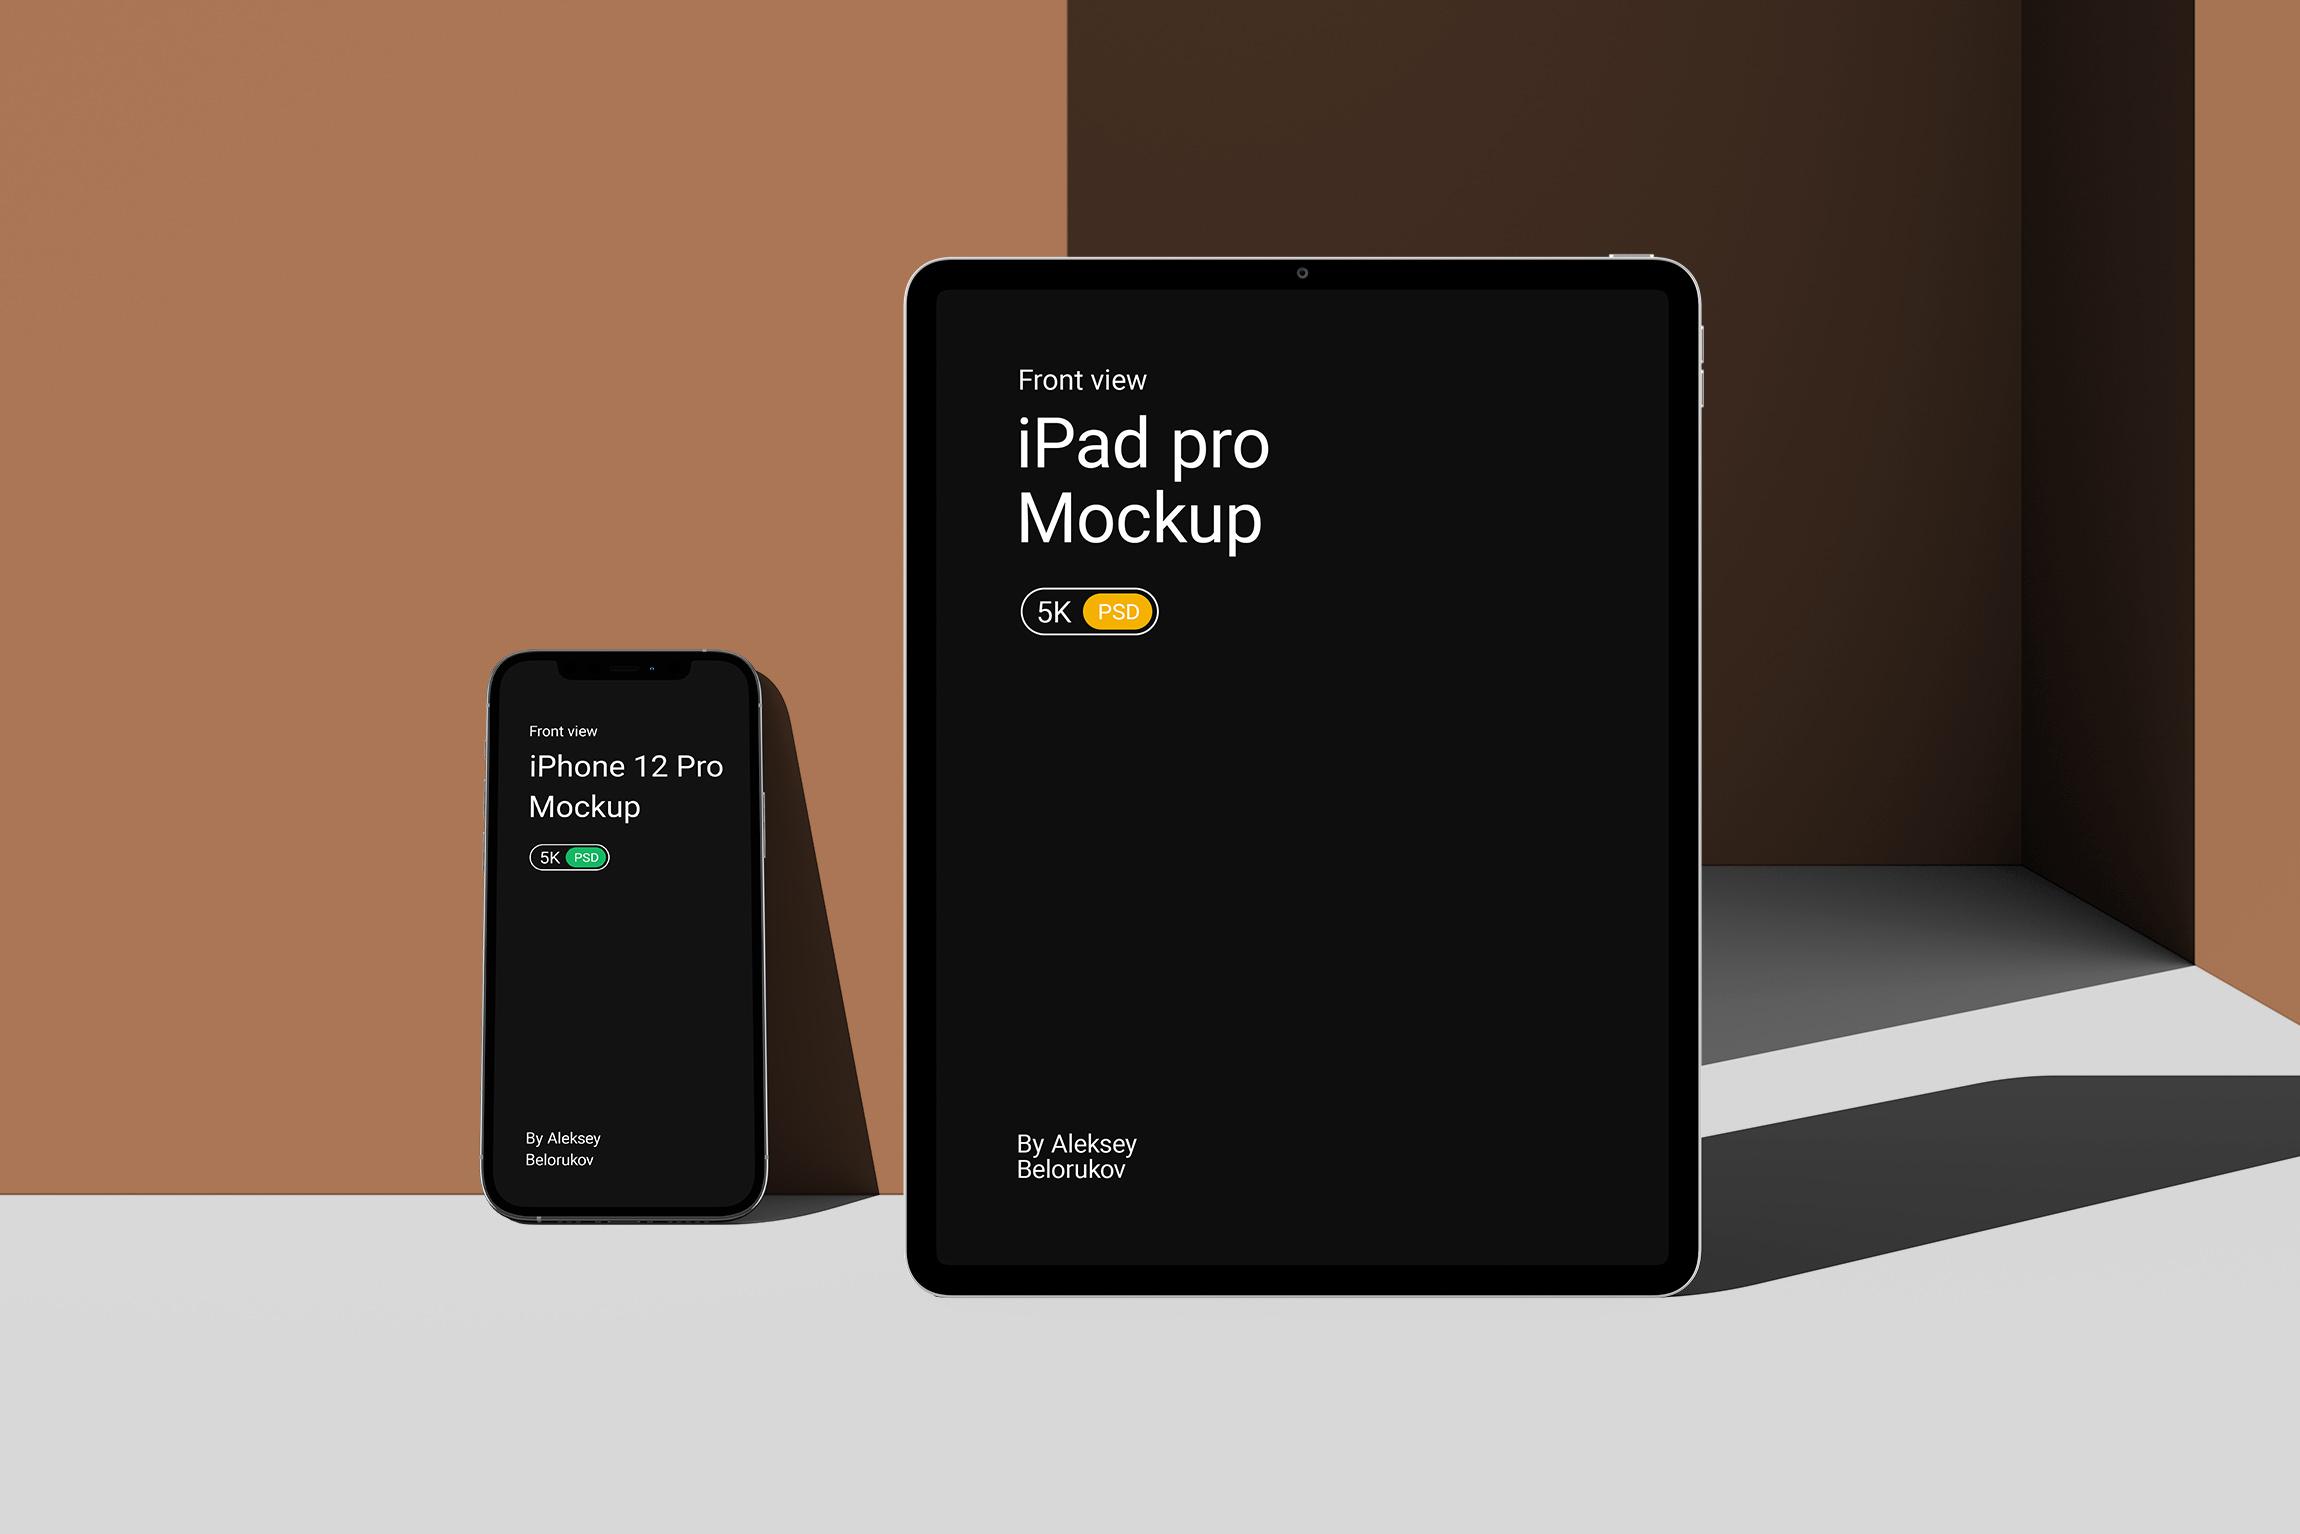 [单独购买] 15个超清前视图网页APP界面设计苹果设备屏幕演示样机 Device Pack Mockups – Front View插图16